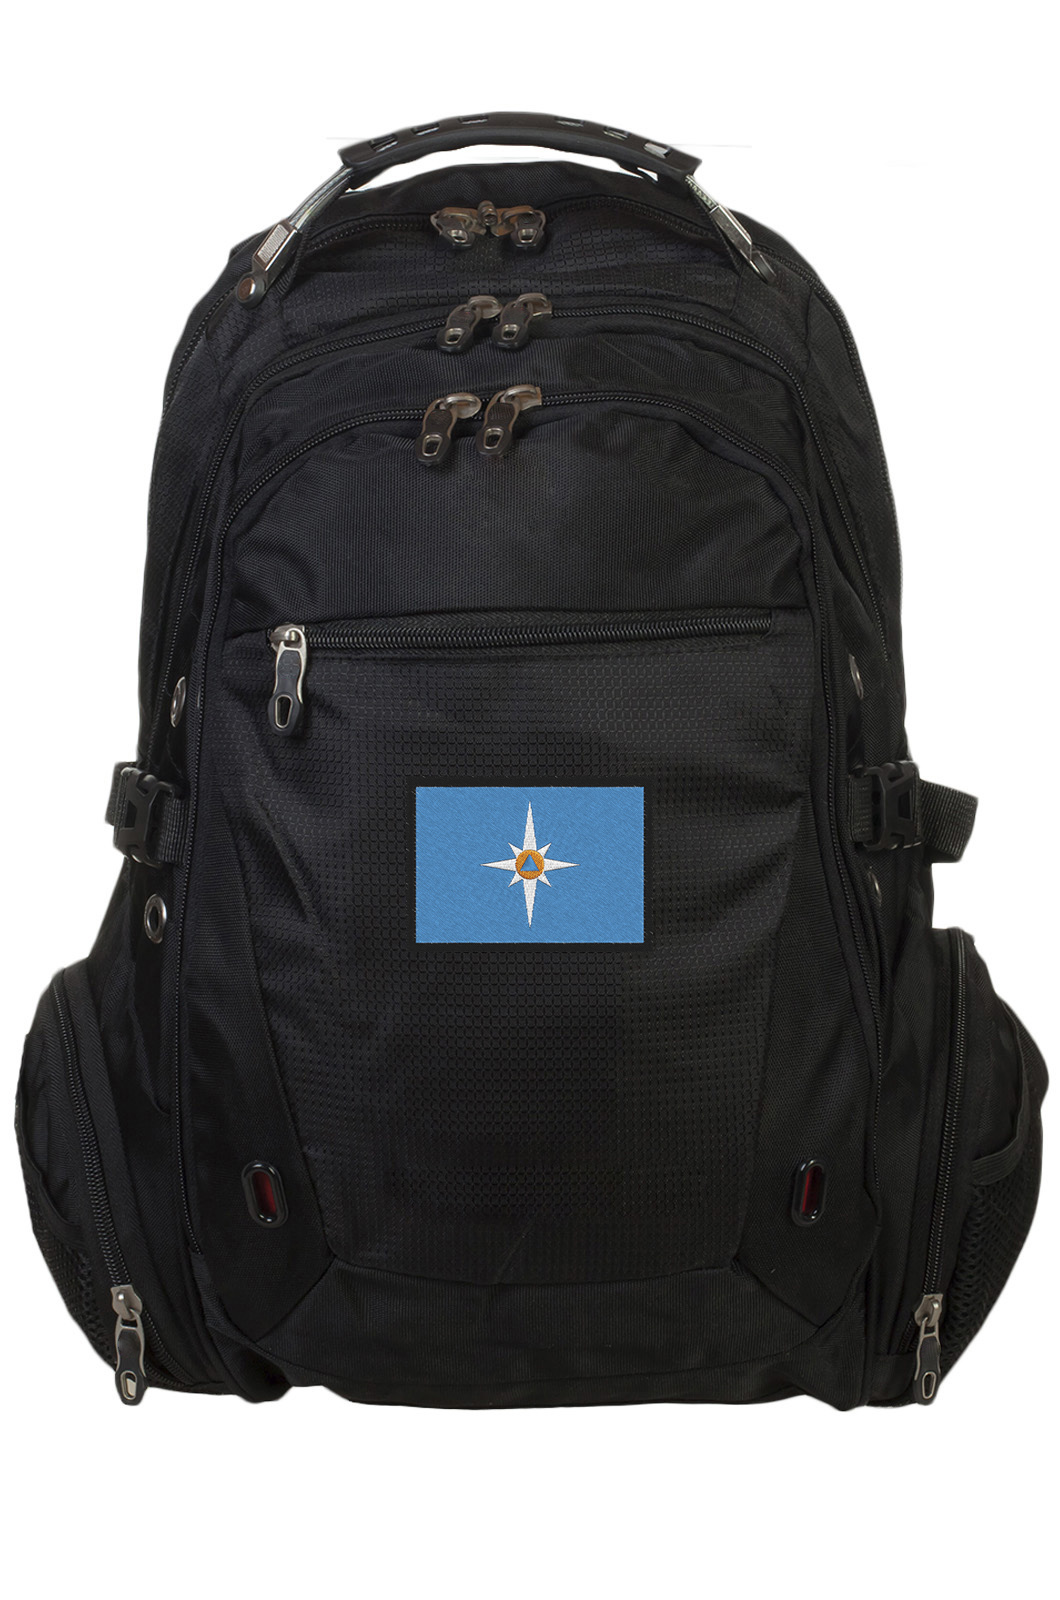 Тактический городской рюкзак для пожарных и спасателей России